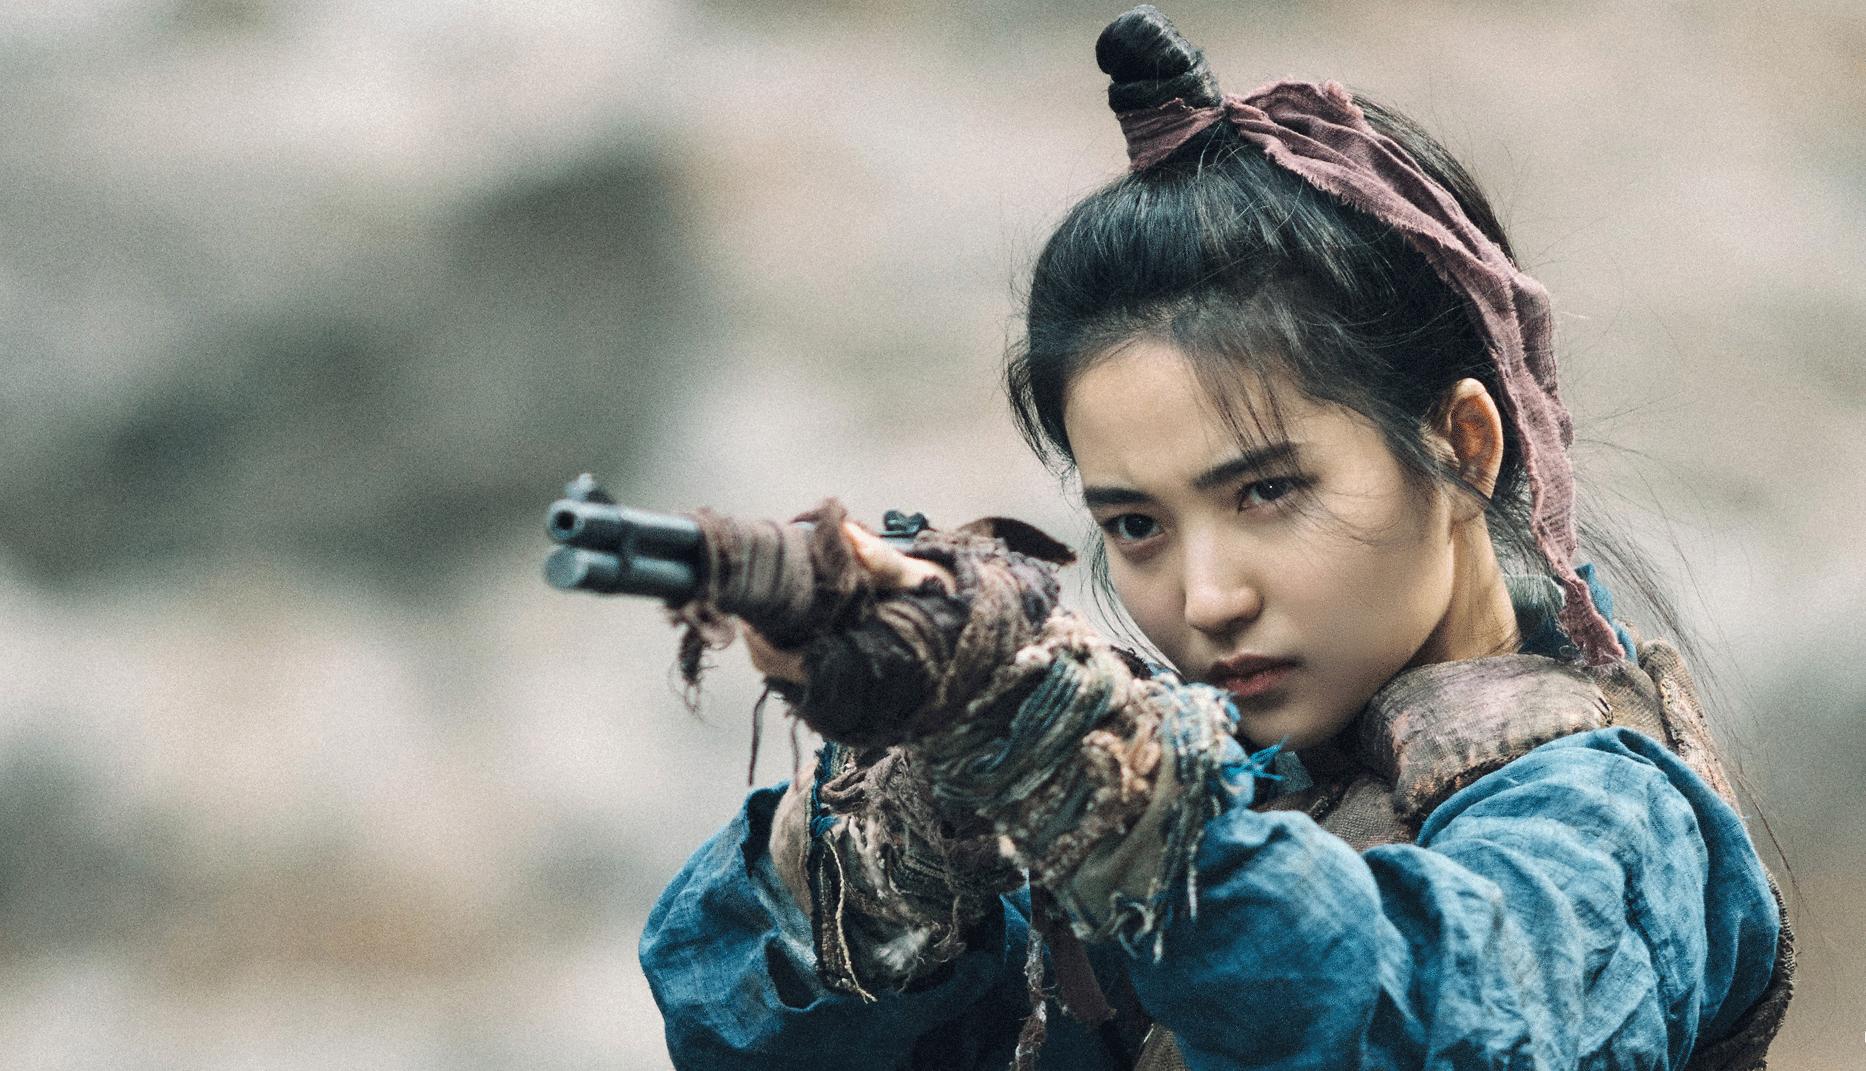 Dòng chảy phim Hàn thời nay đã dịch chuyển: Nữ chính bánh bèo không còn chốn dung thân - Ảnh 16.